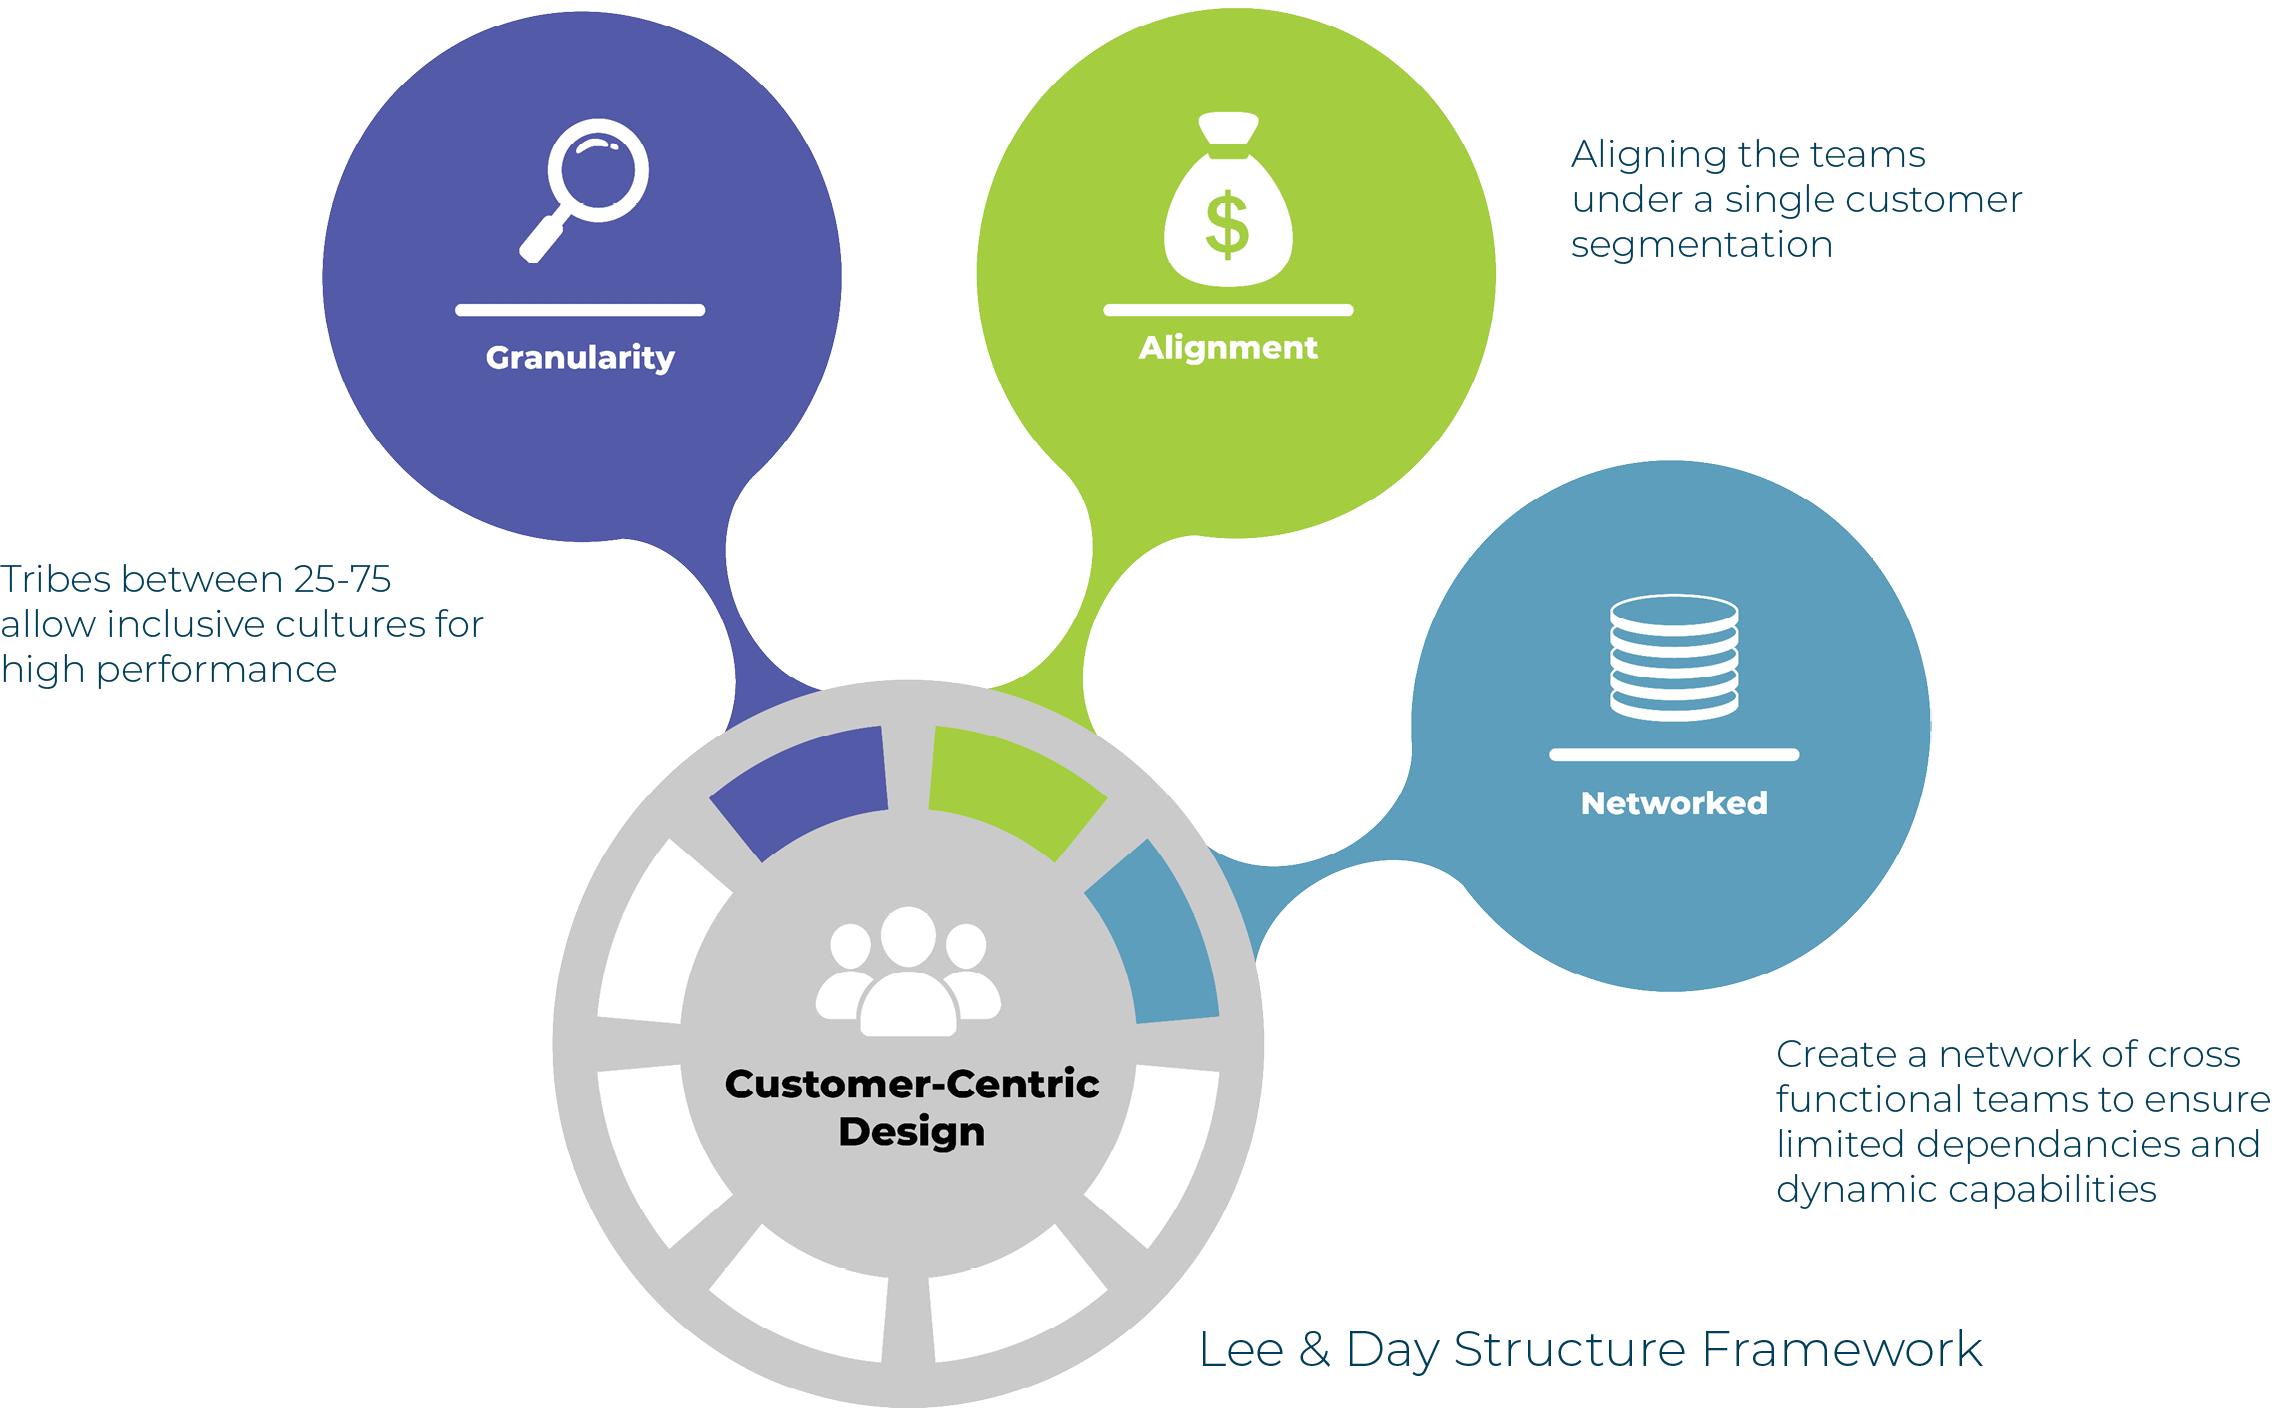 Lee & Day Structural Framework